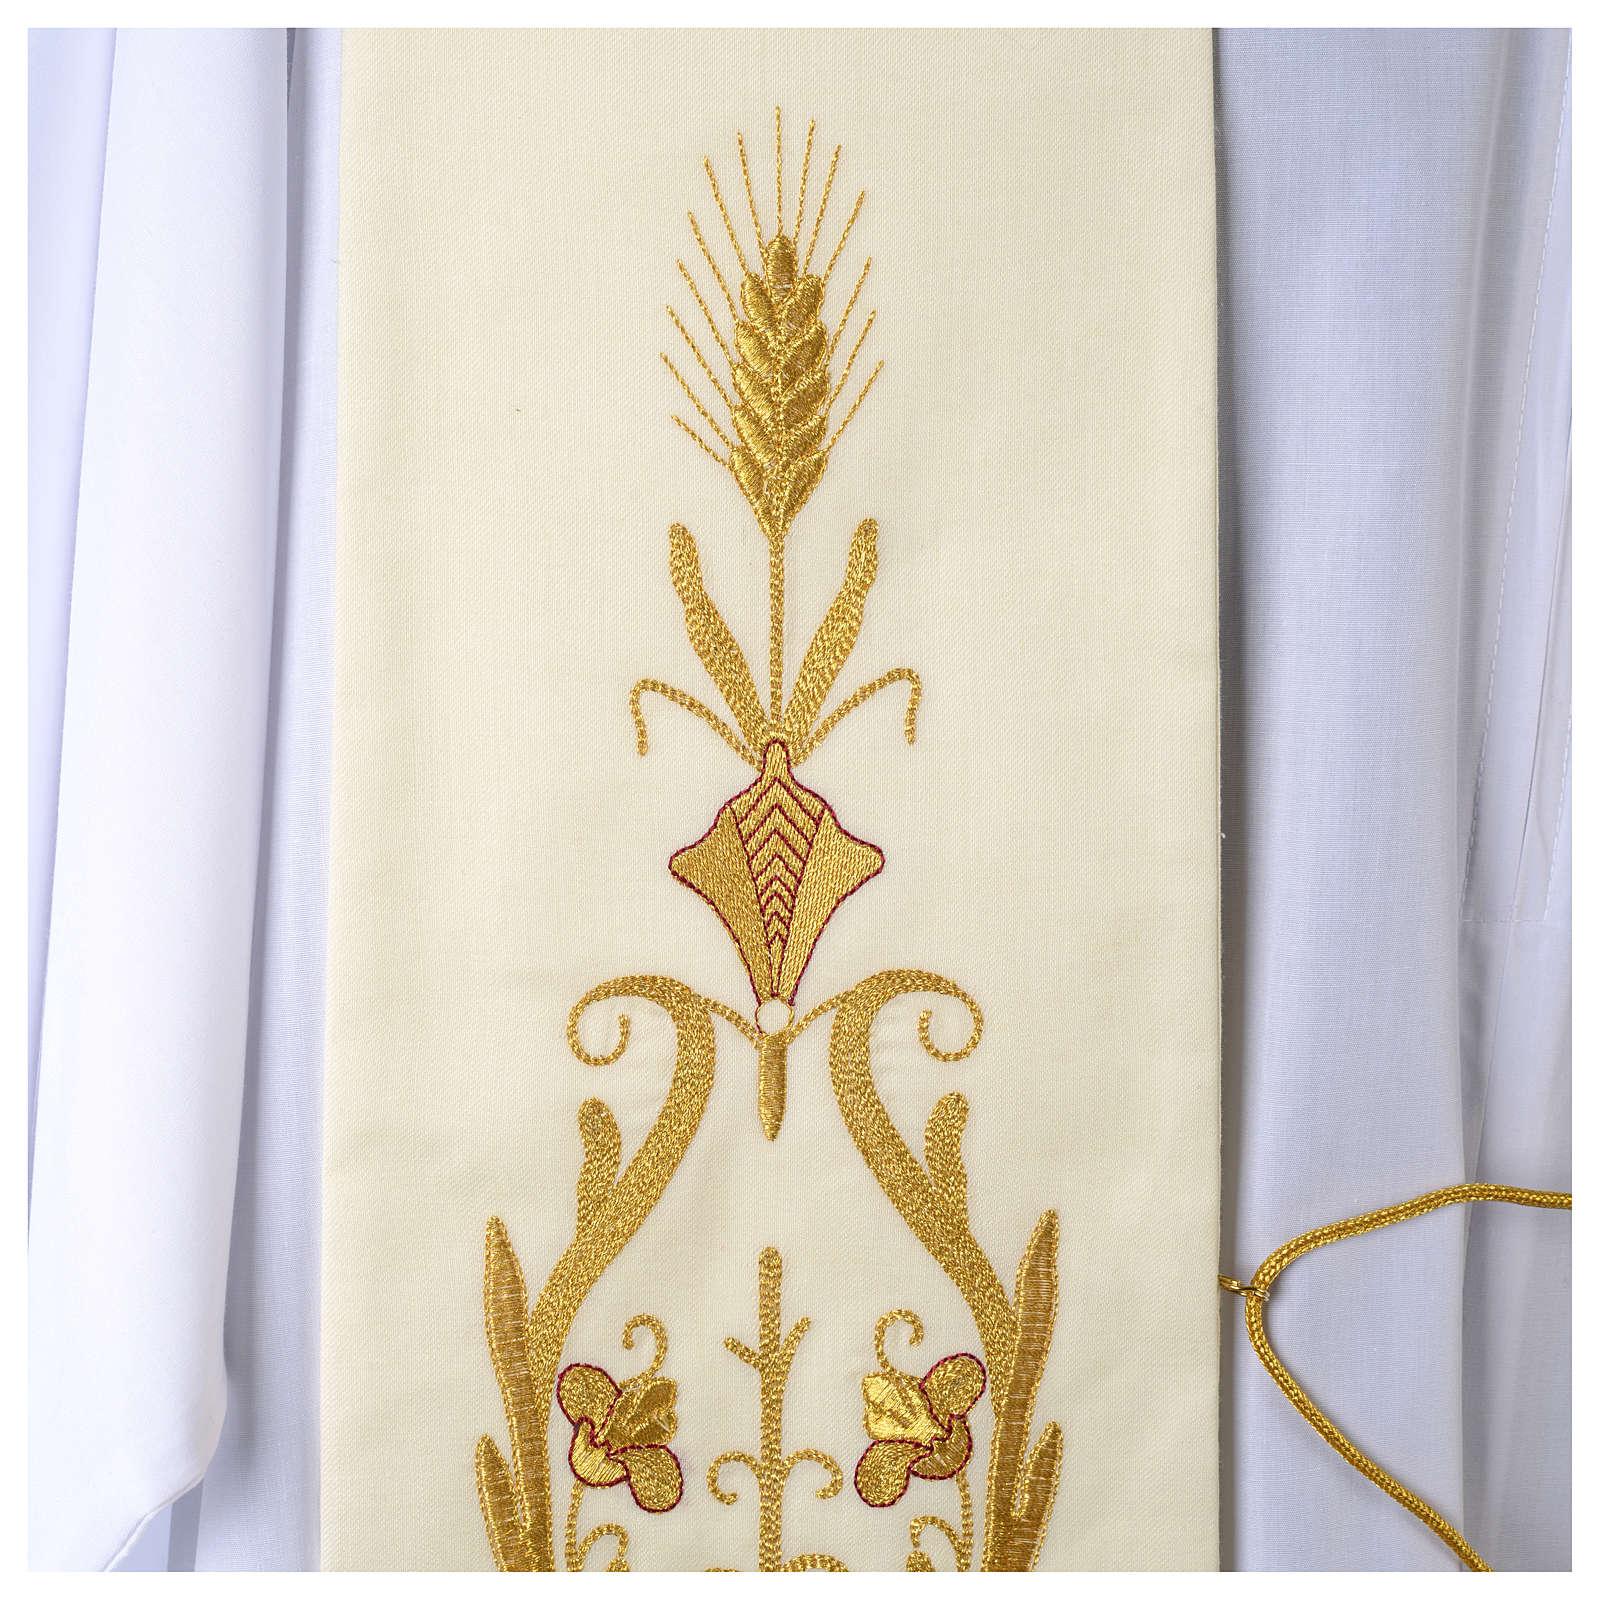 Estola blanca bordado dorado lana 4